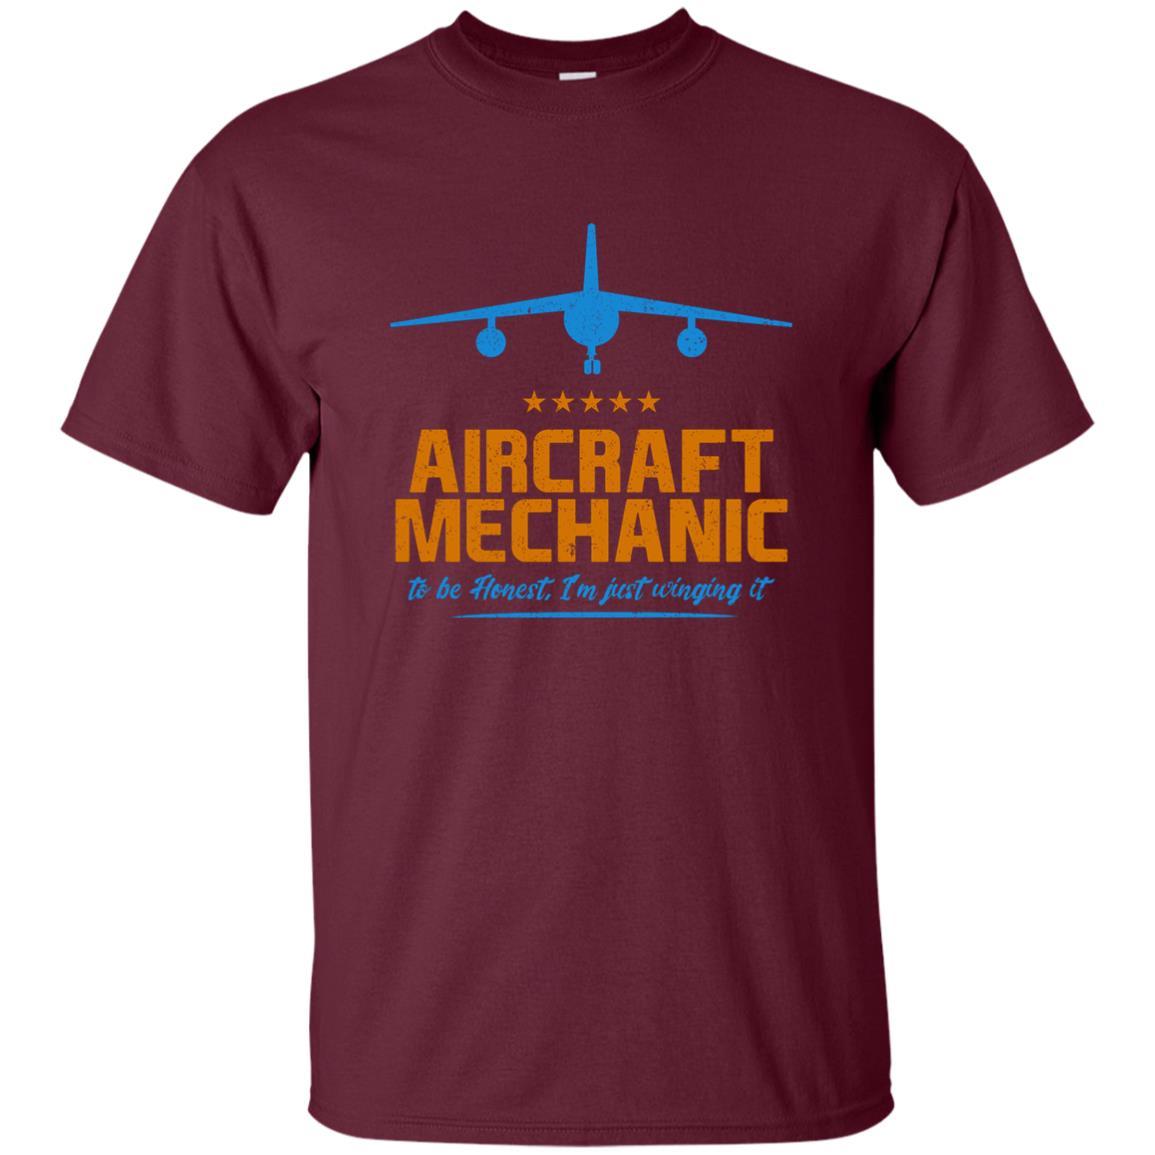 Funny Aircraft Mechanic I'm Just Winging It-1 Unisex Short Sleeve